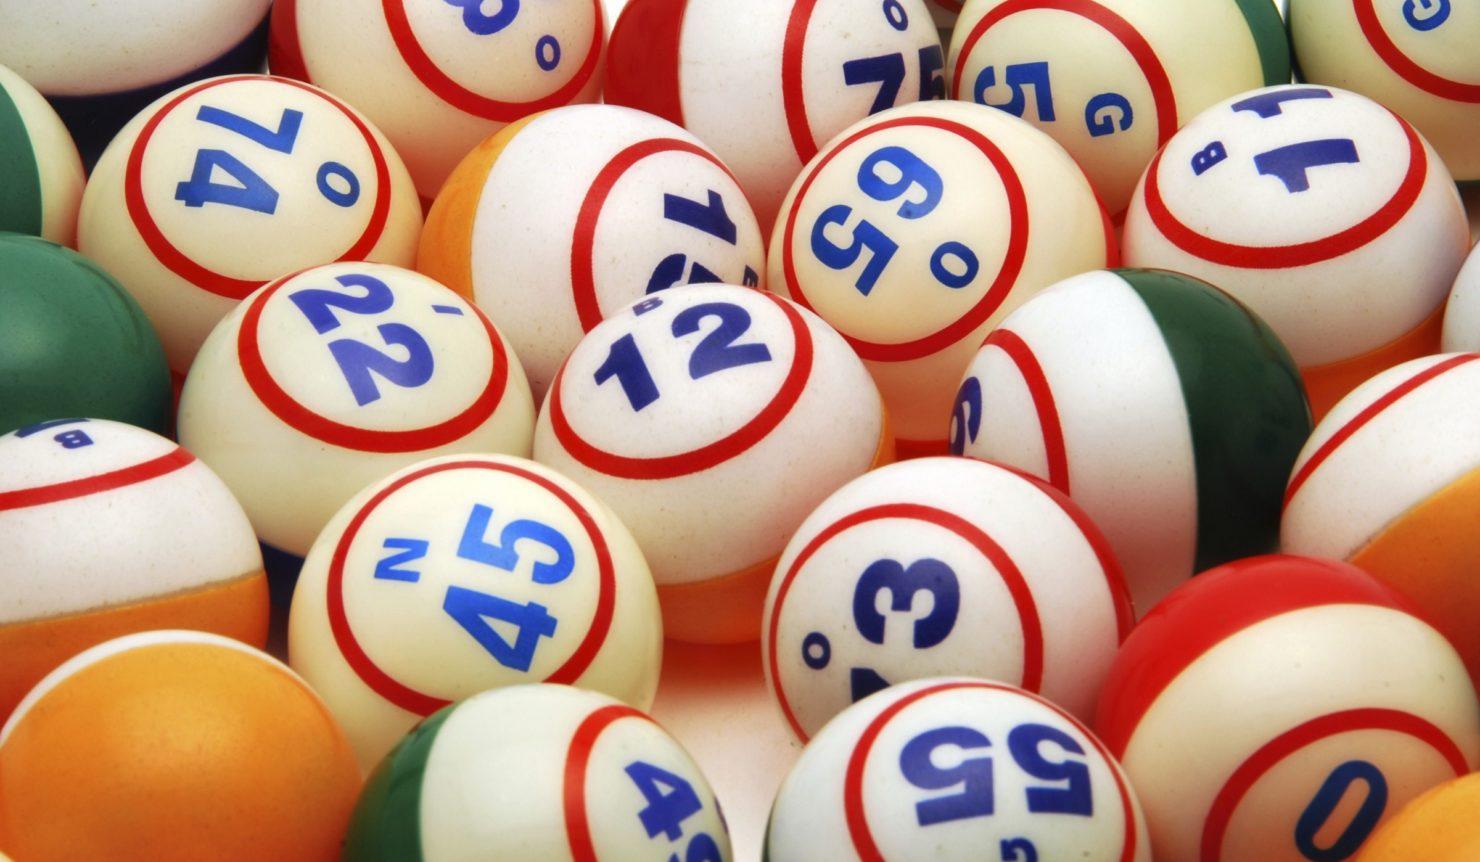 Online Bingo Chats – Online Casino SG